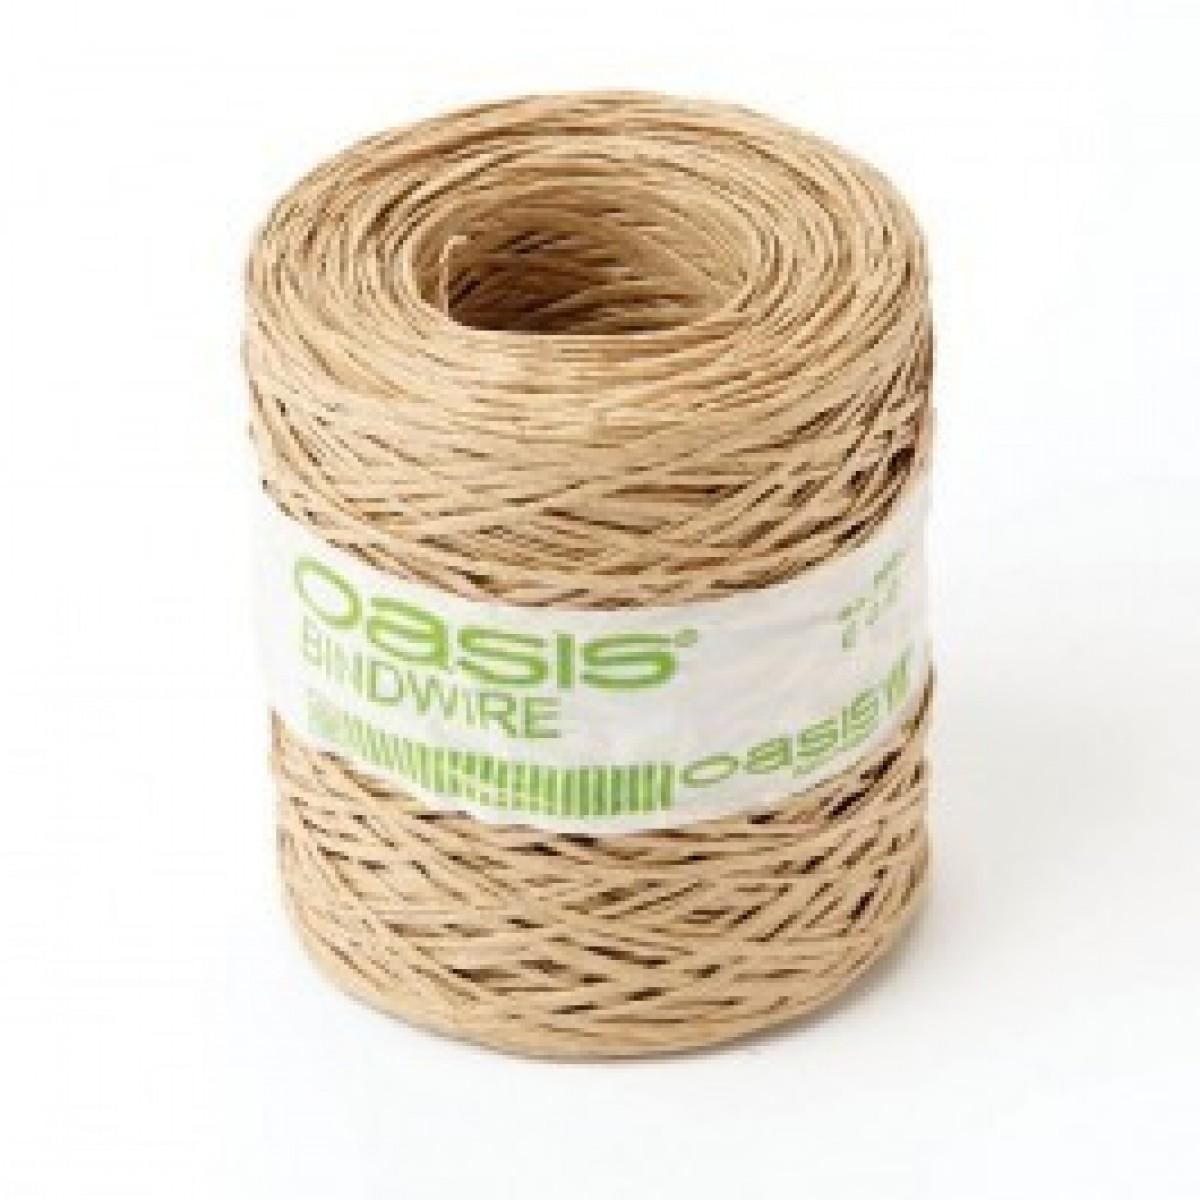 4409 Bind Wire Natural (1 No)